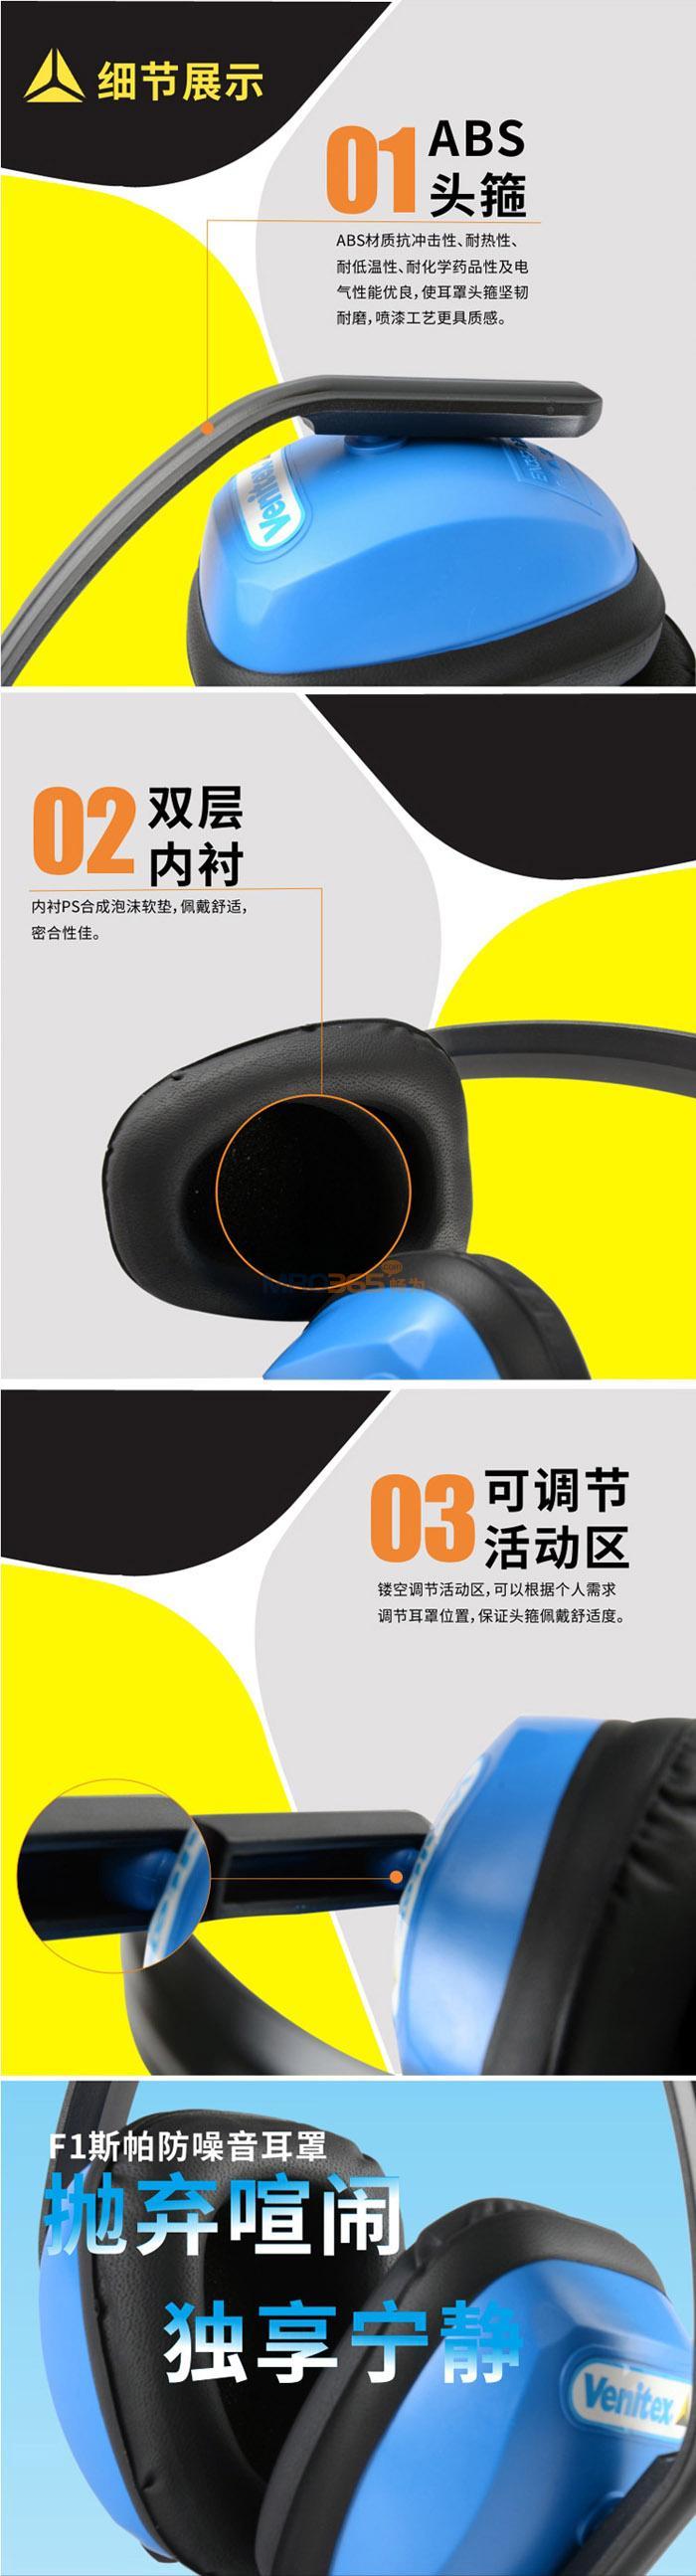 代尔塔103010 spa3 f1斯帕防噪音耳罩